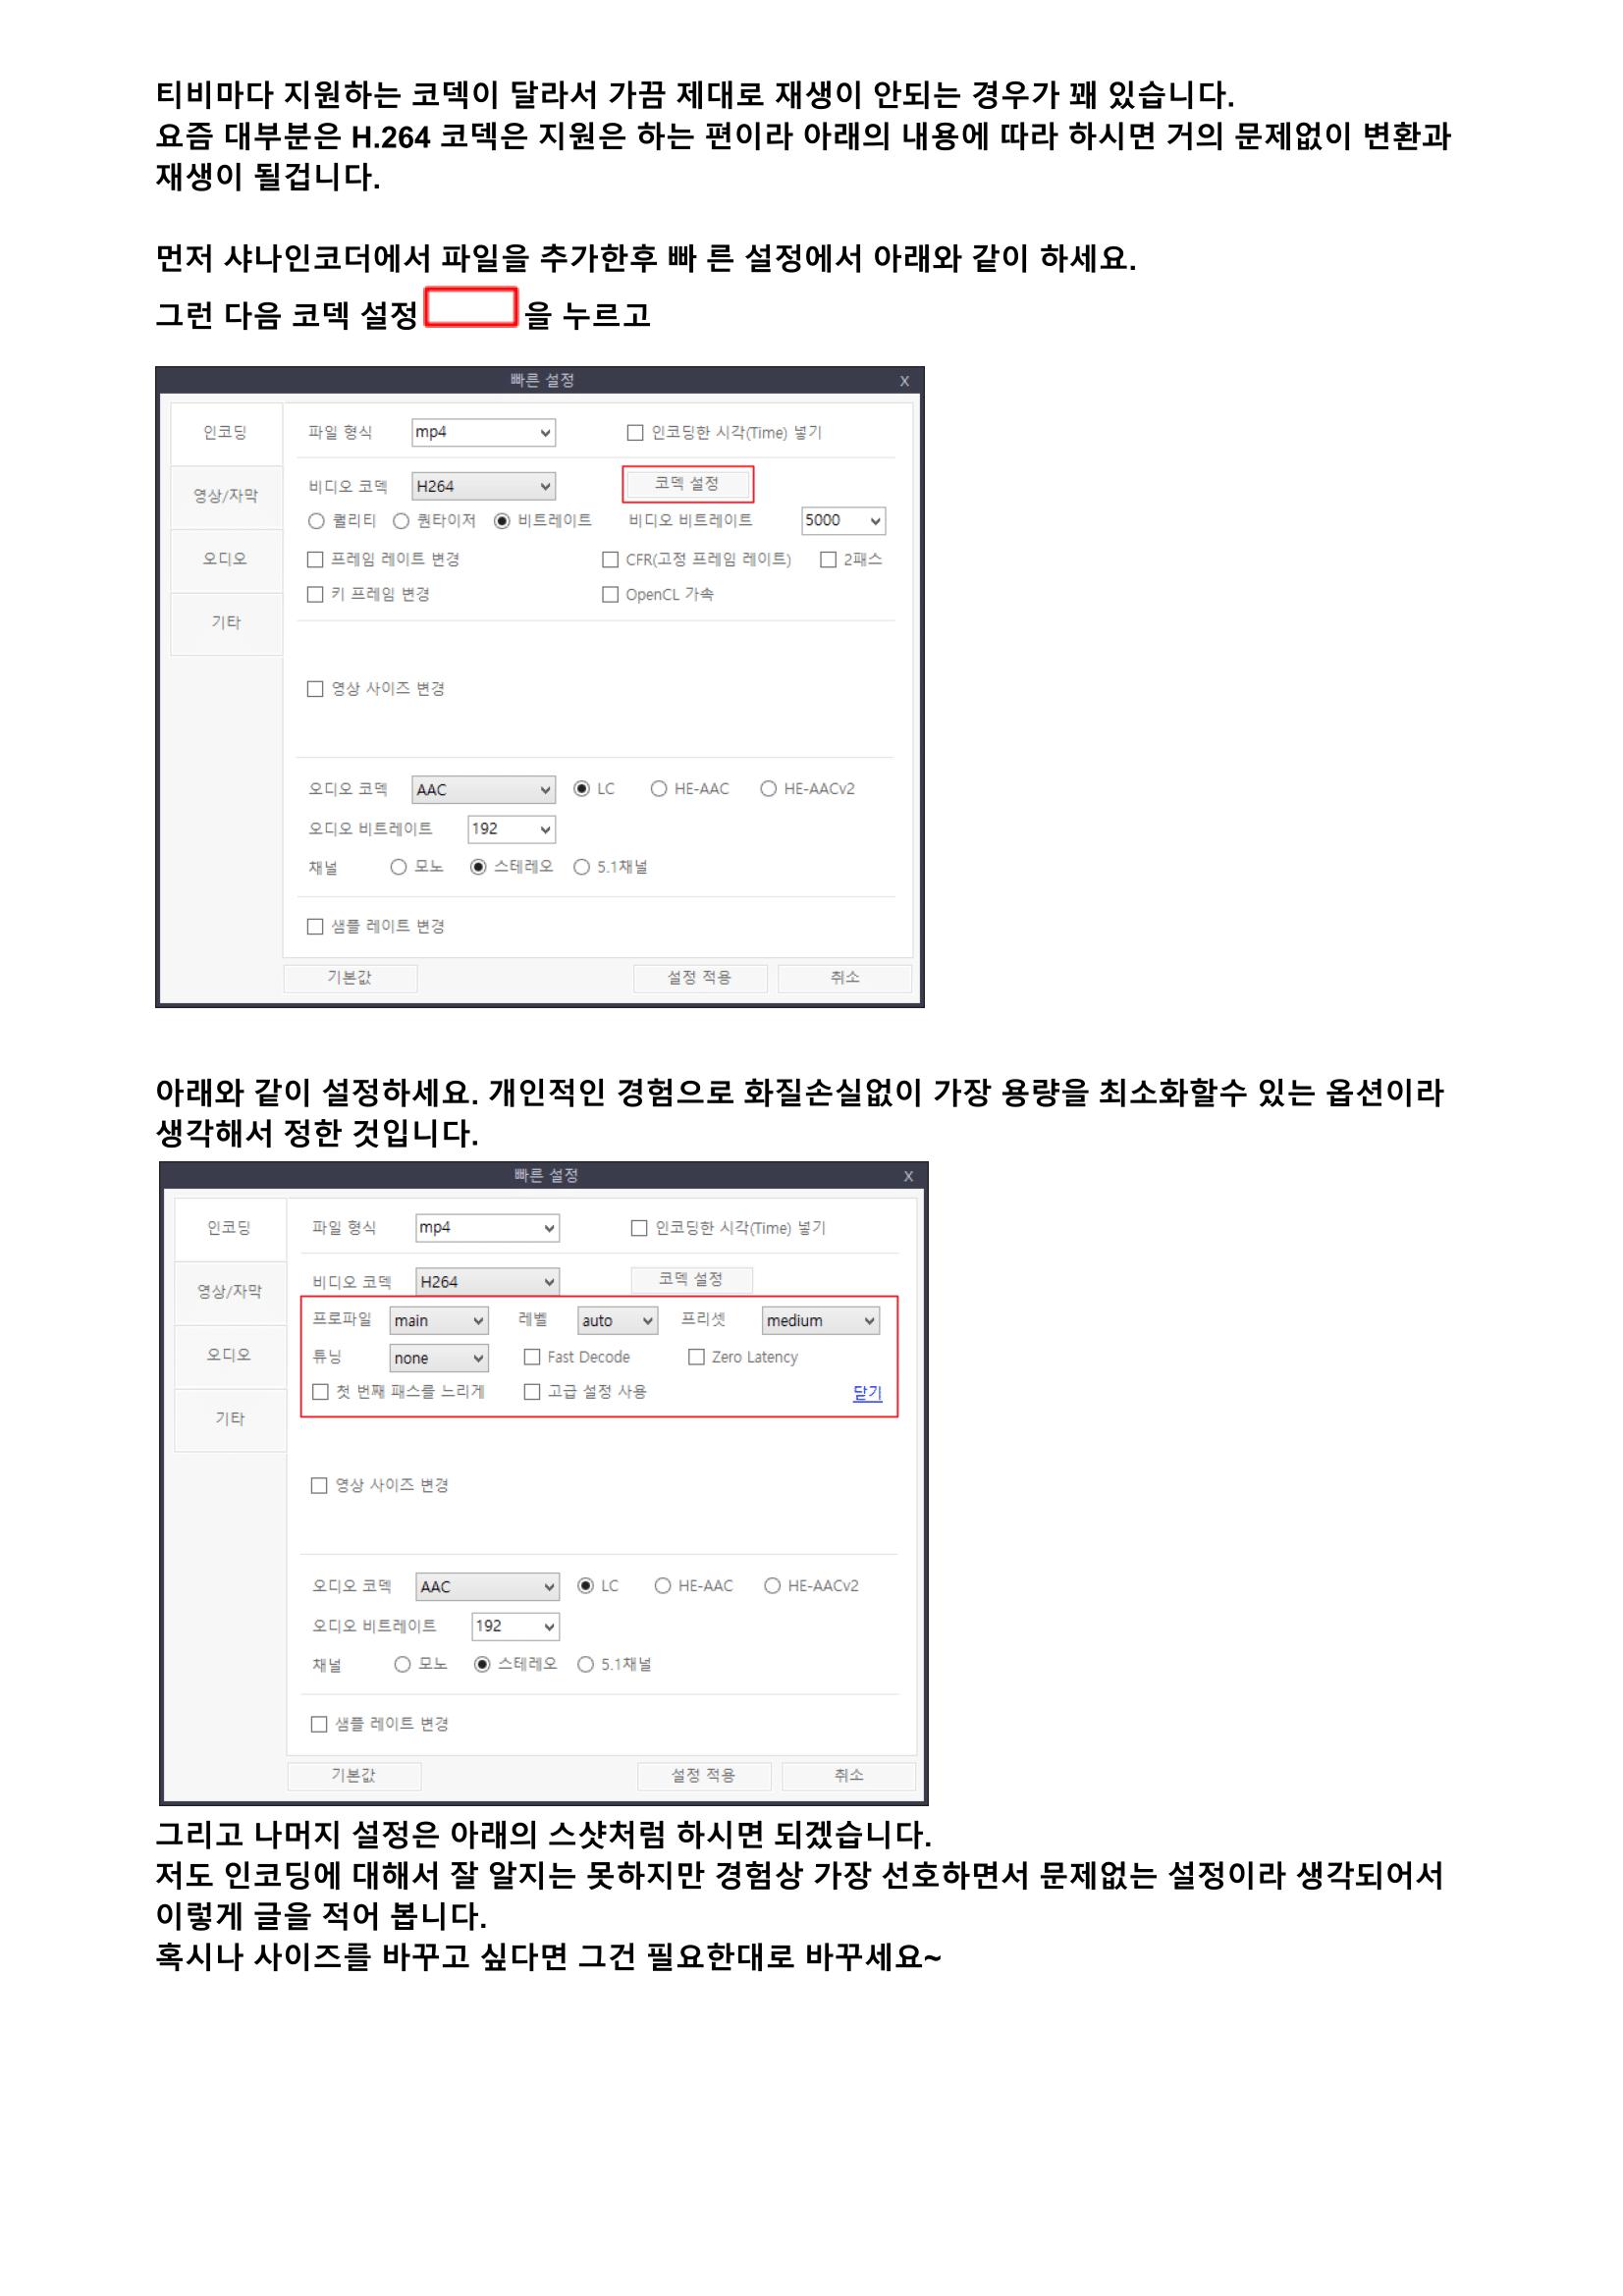 코덱설정 - Google 문서-1.png